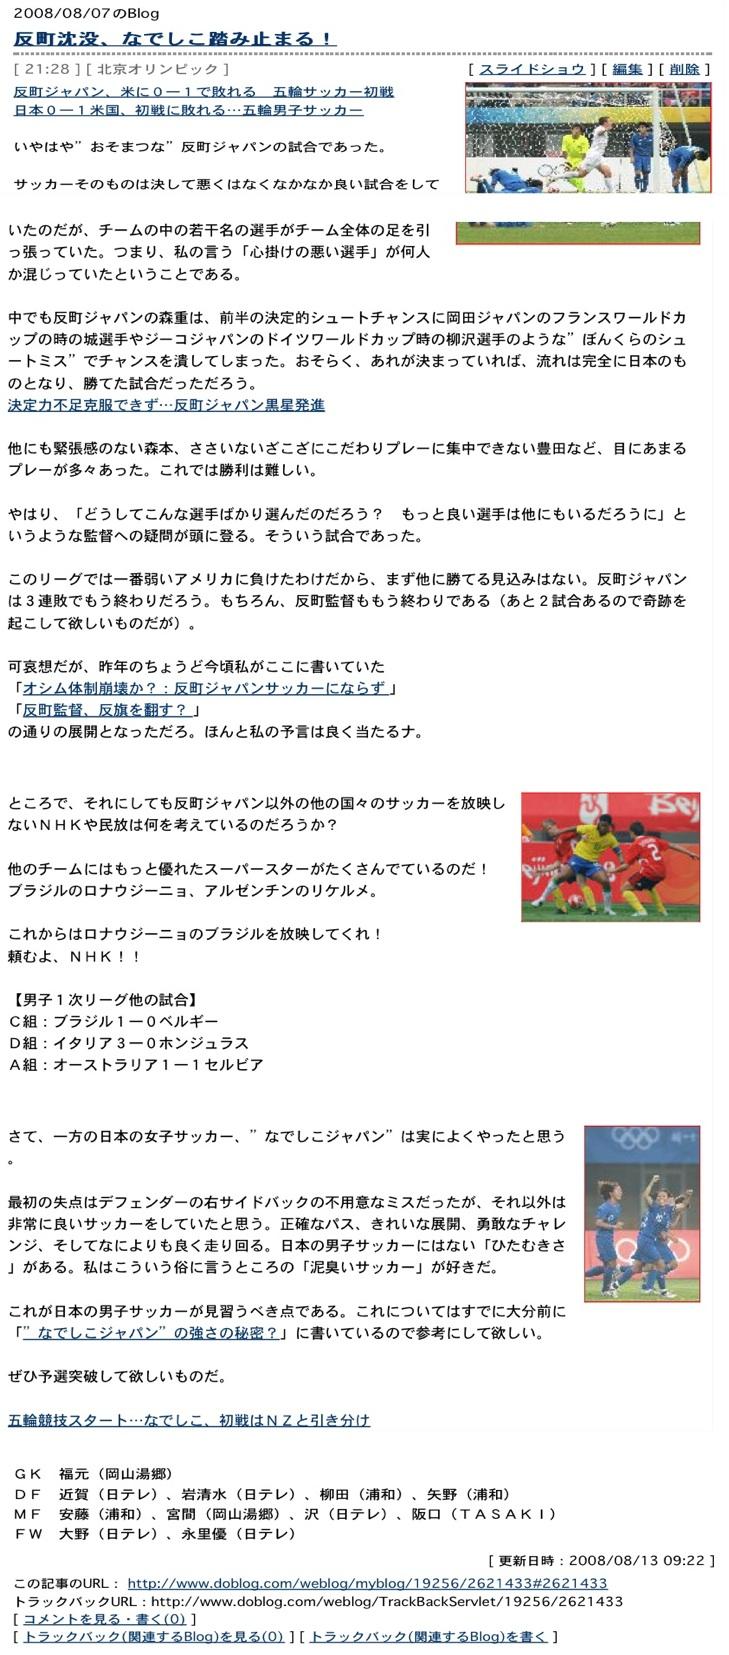 なでしこジャパンW杯初優勝おめでとう2:「なでしこは一日にしてならず」」_e0171614_1333155.jpg